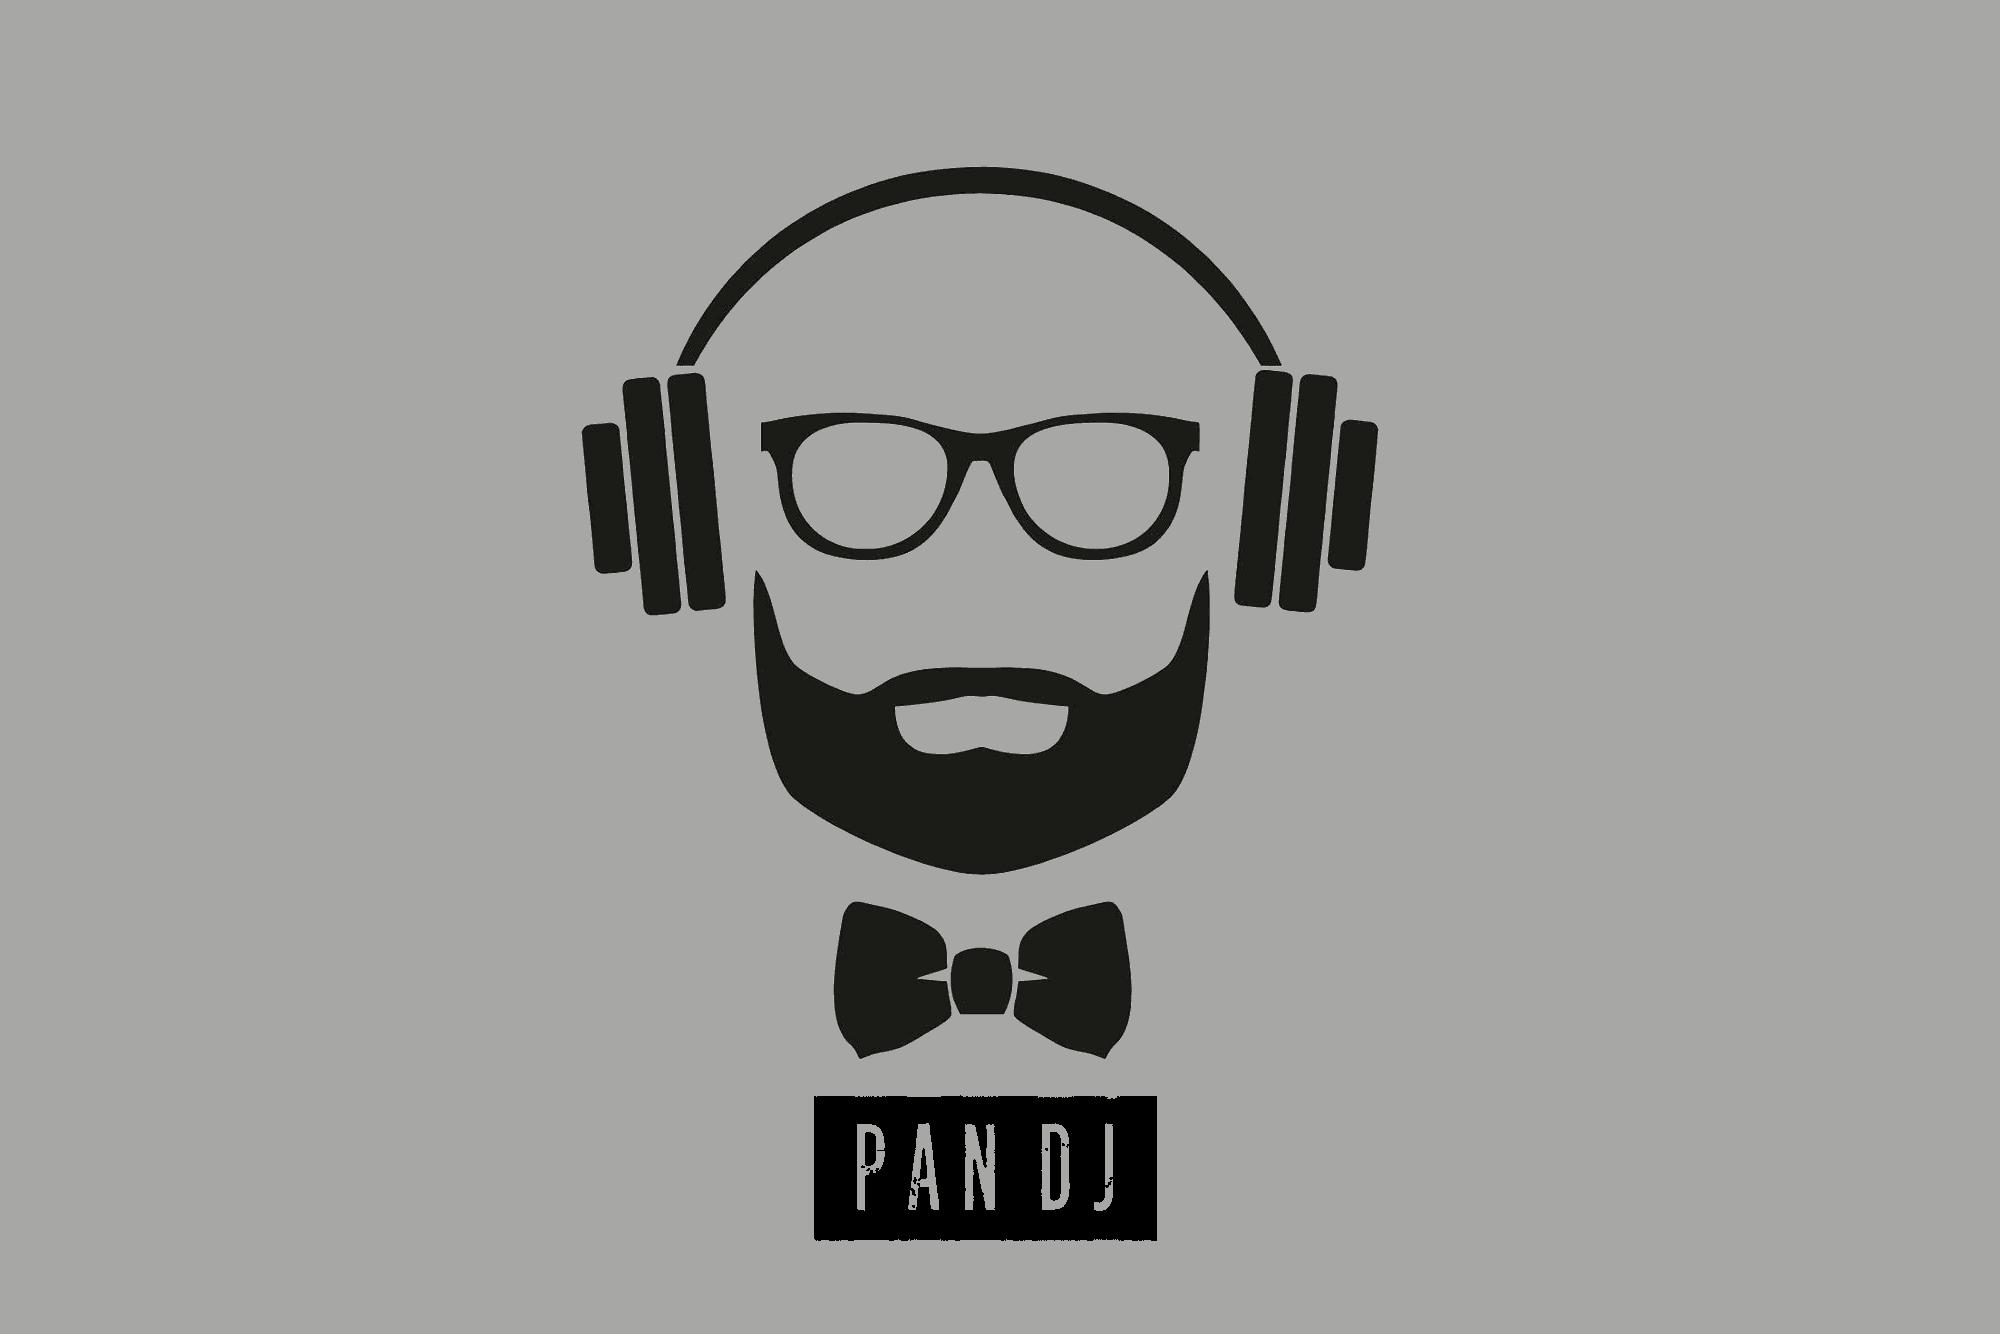 PAN DJ